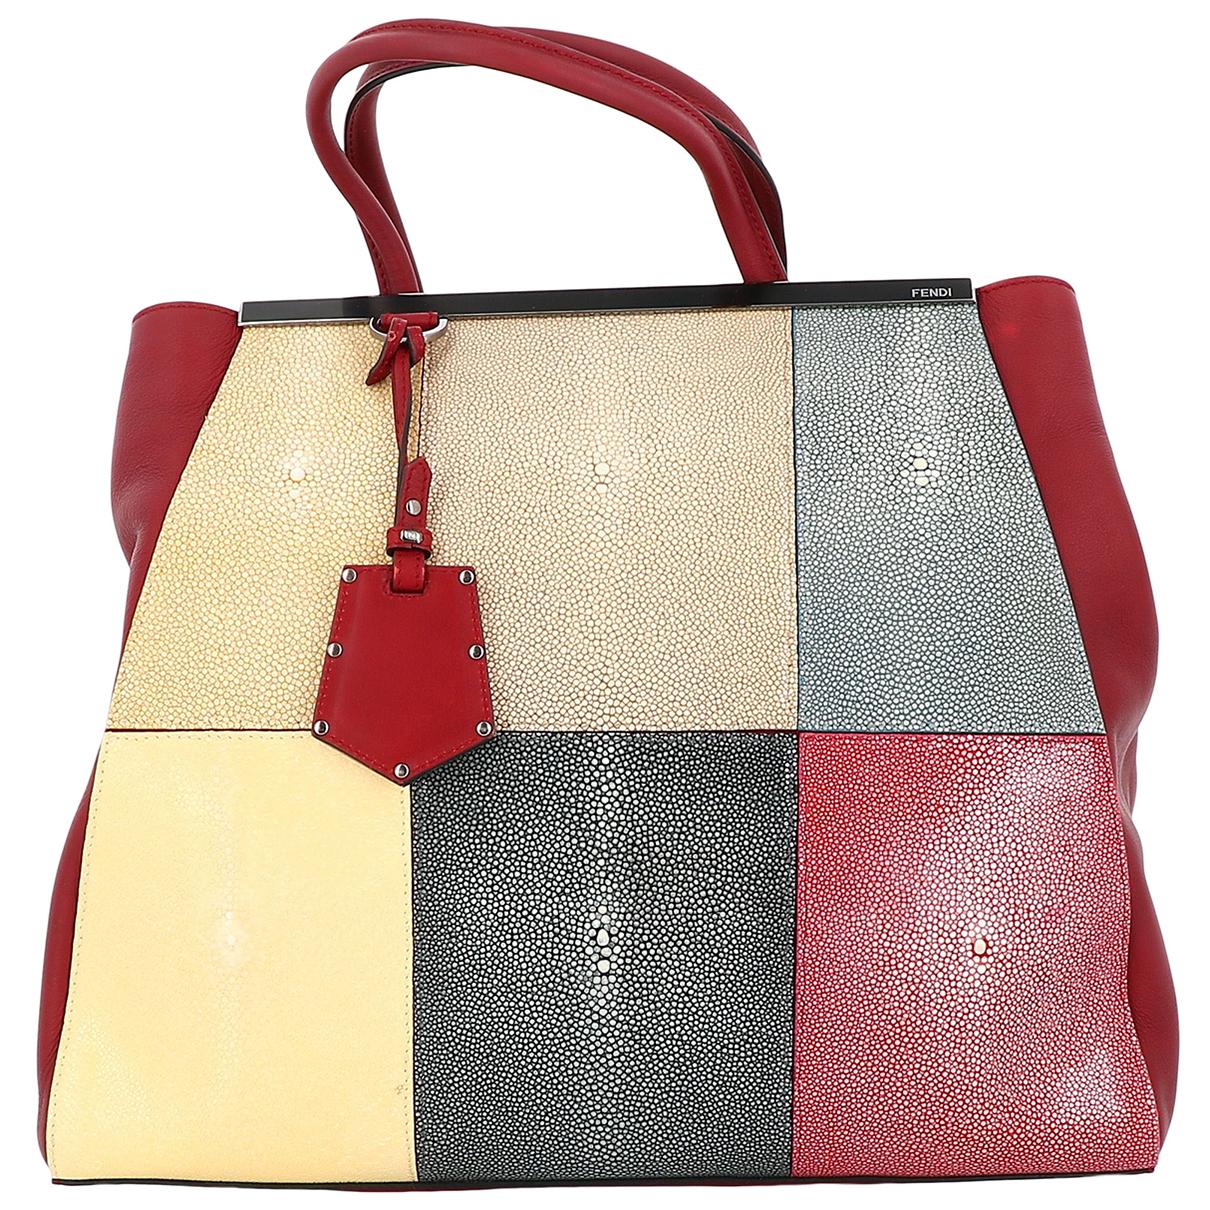 Fendi 2Jours Multicolour Leather handbag for Women N